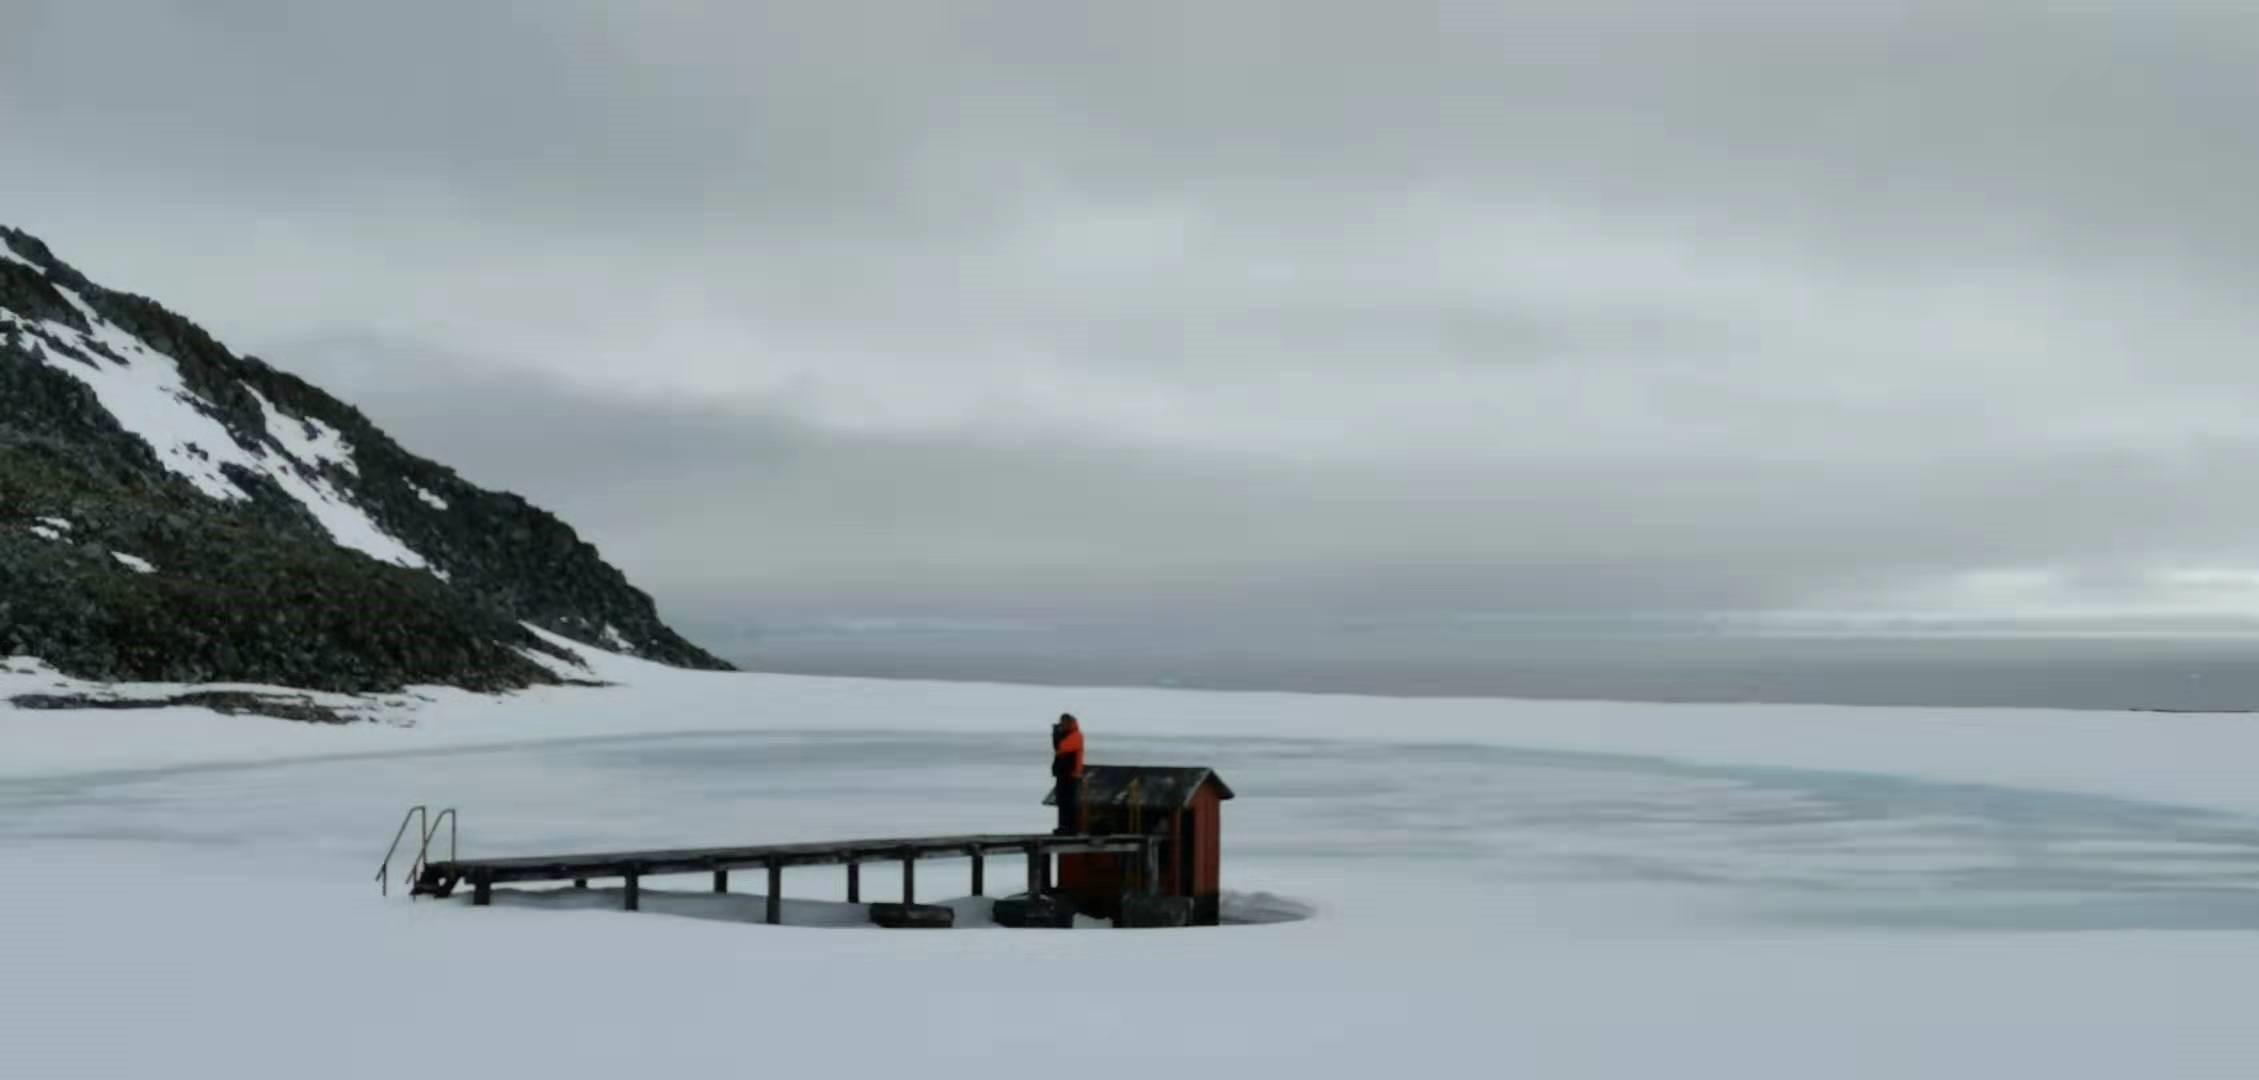 在南极遇见勇敢的自己